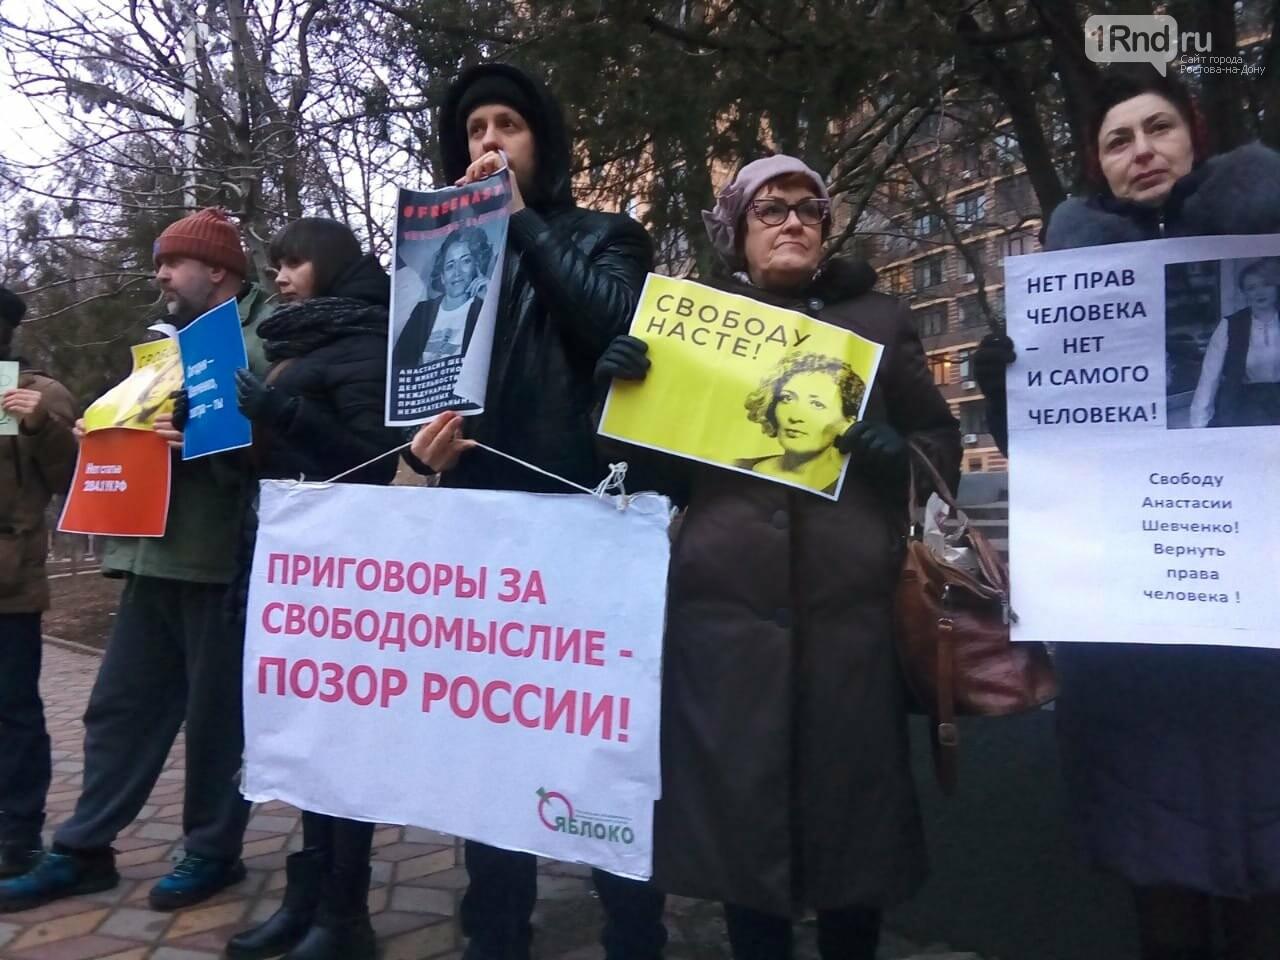 В Ростове прошел пикет в поддержу Анастасии Шевченко, фото-1